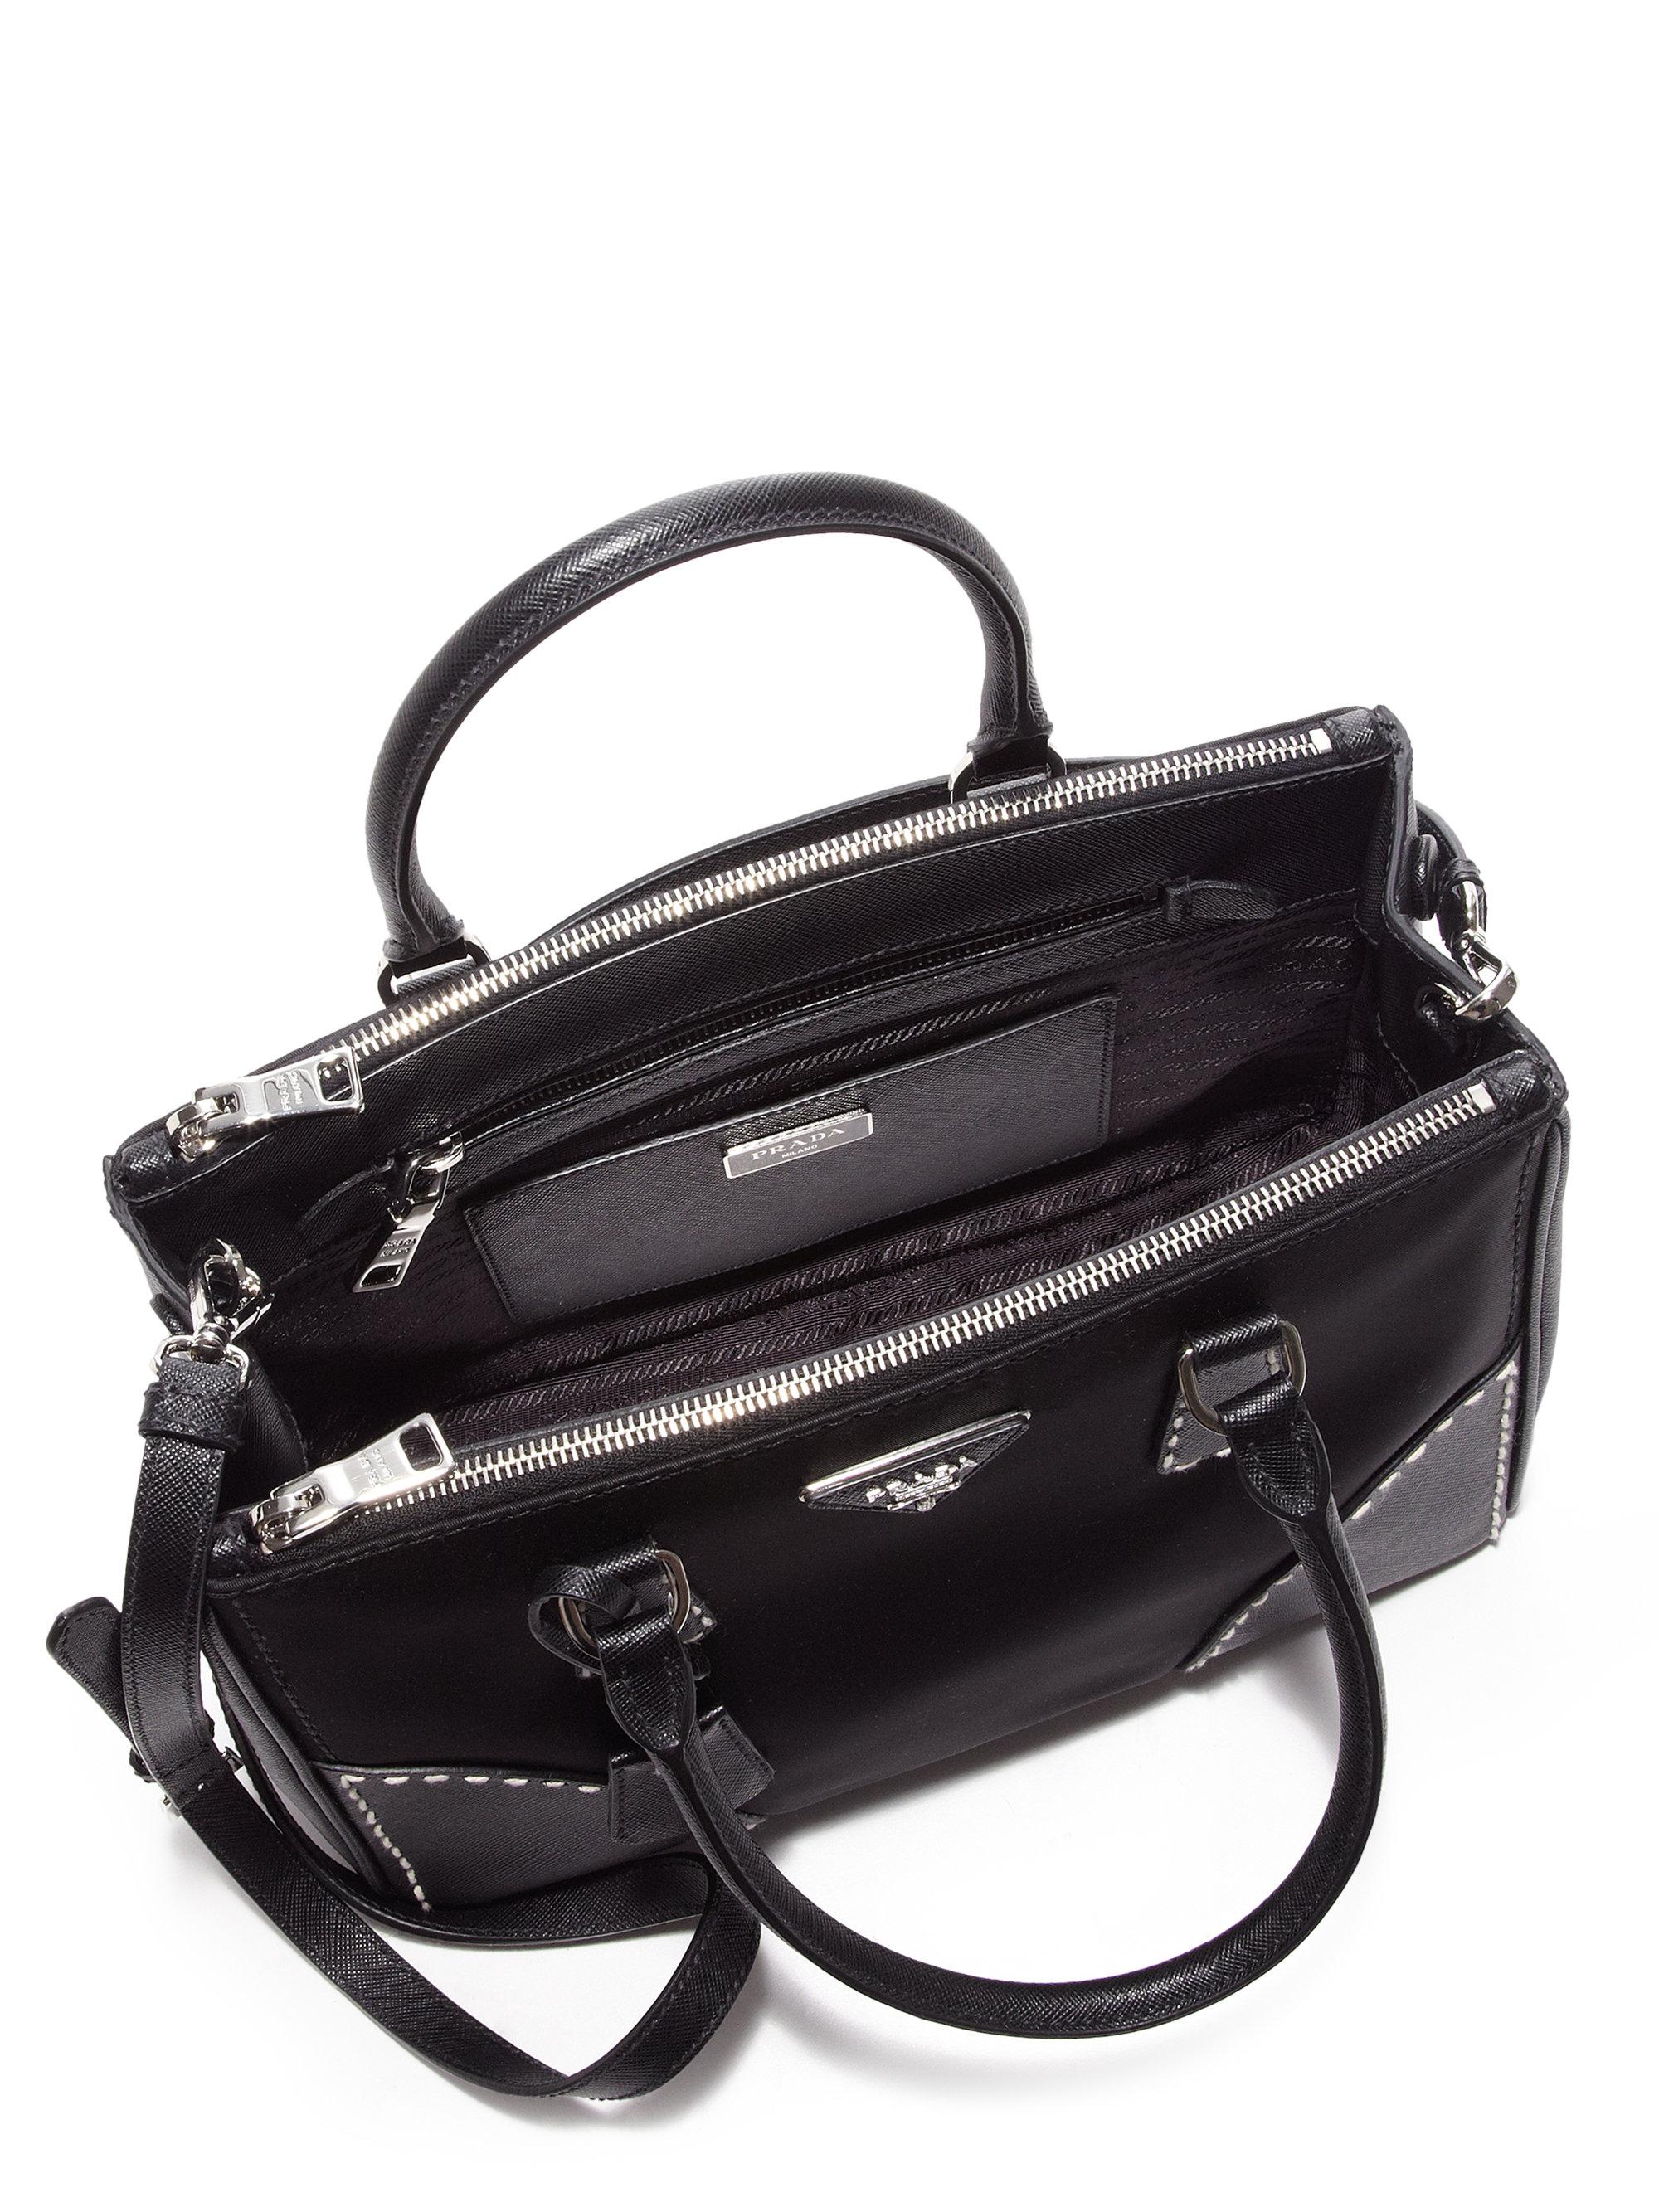 eade8b90c7cd ... bag ffeb6 8e747  norway lyst prada nylon saffiano double zip tote in  black a67ca e1d27